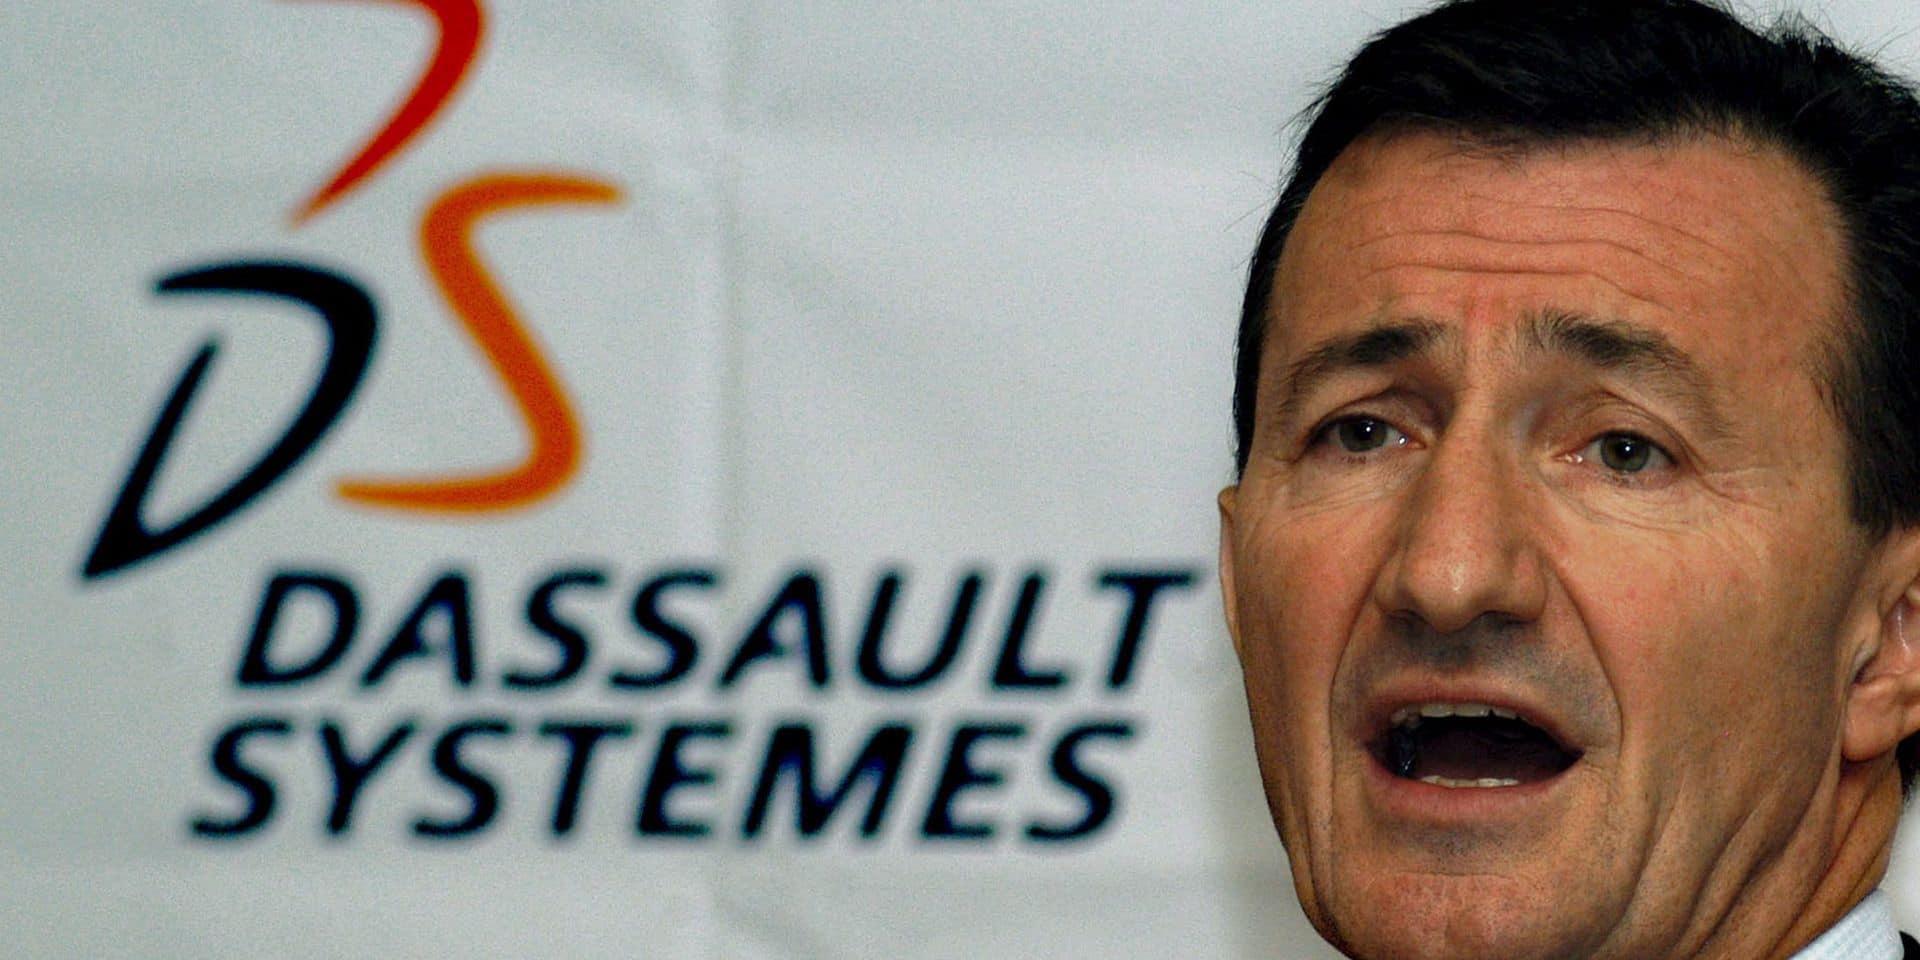 Feu vert de Medidata pour son rachat par l'éditeur de logiciels Dassault Systèmes